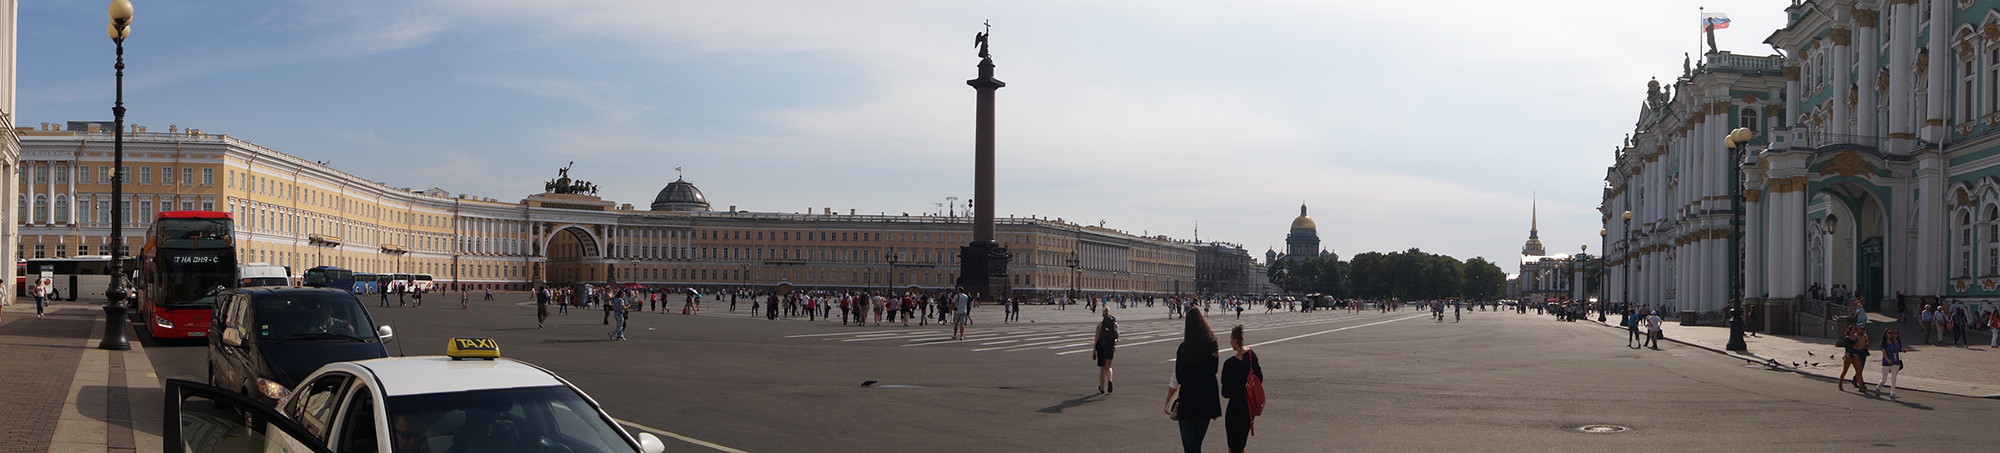 Petersburg-Platz